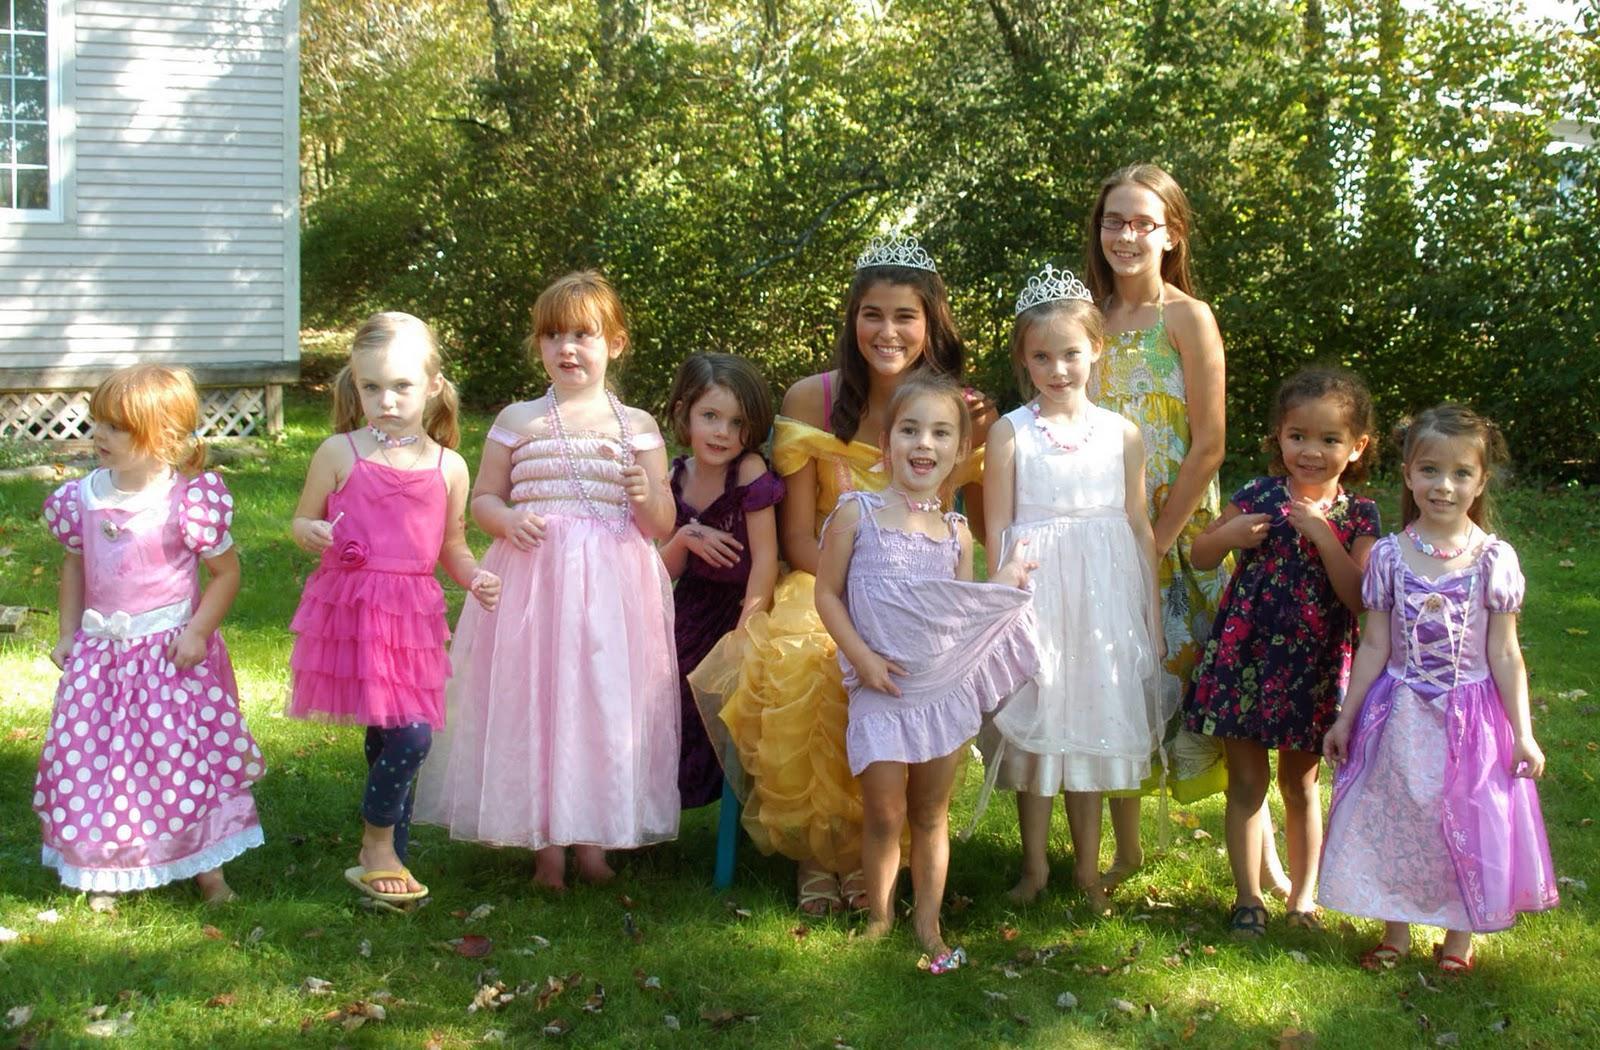 Princess Belle was kind